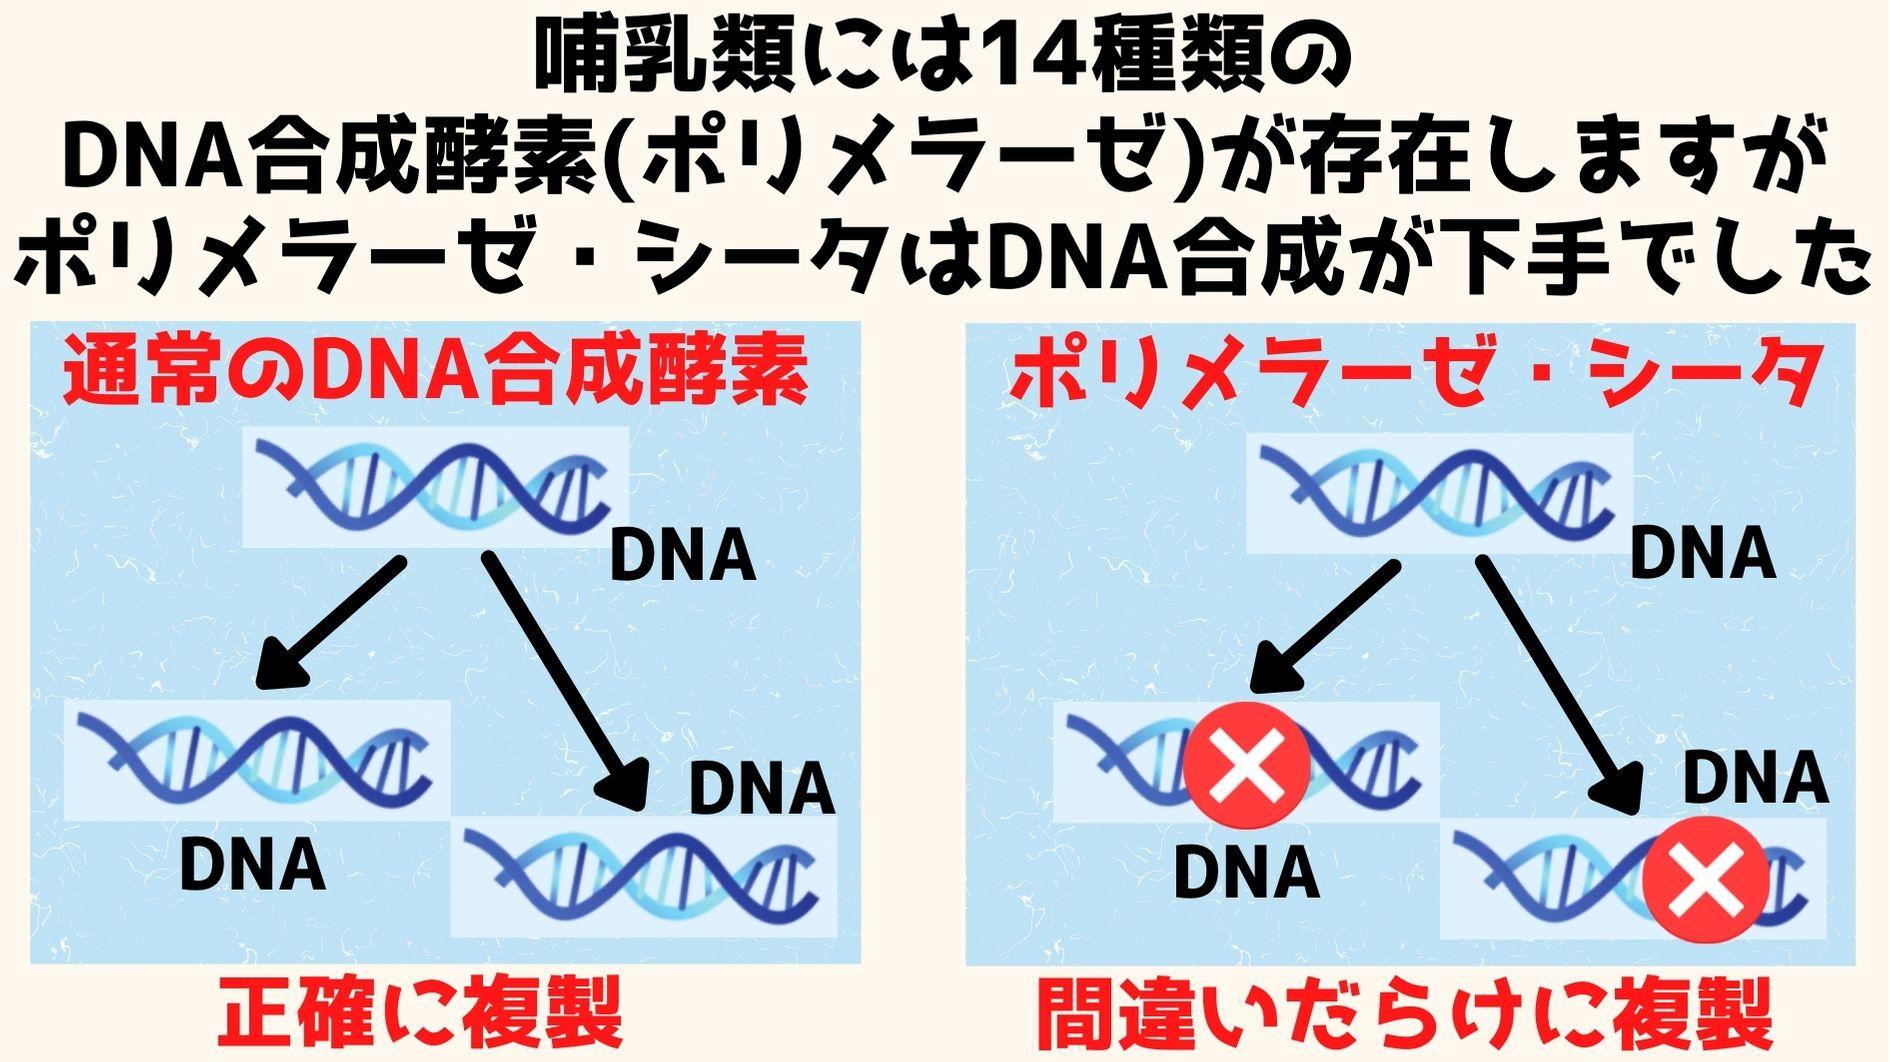 ポリメラーゼ・シータはDNA合成の劣等生だった